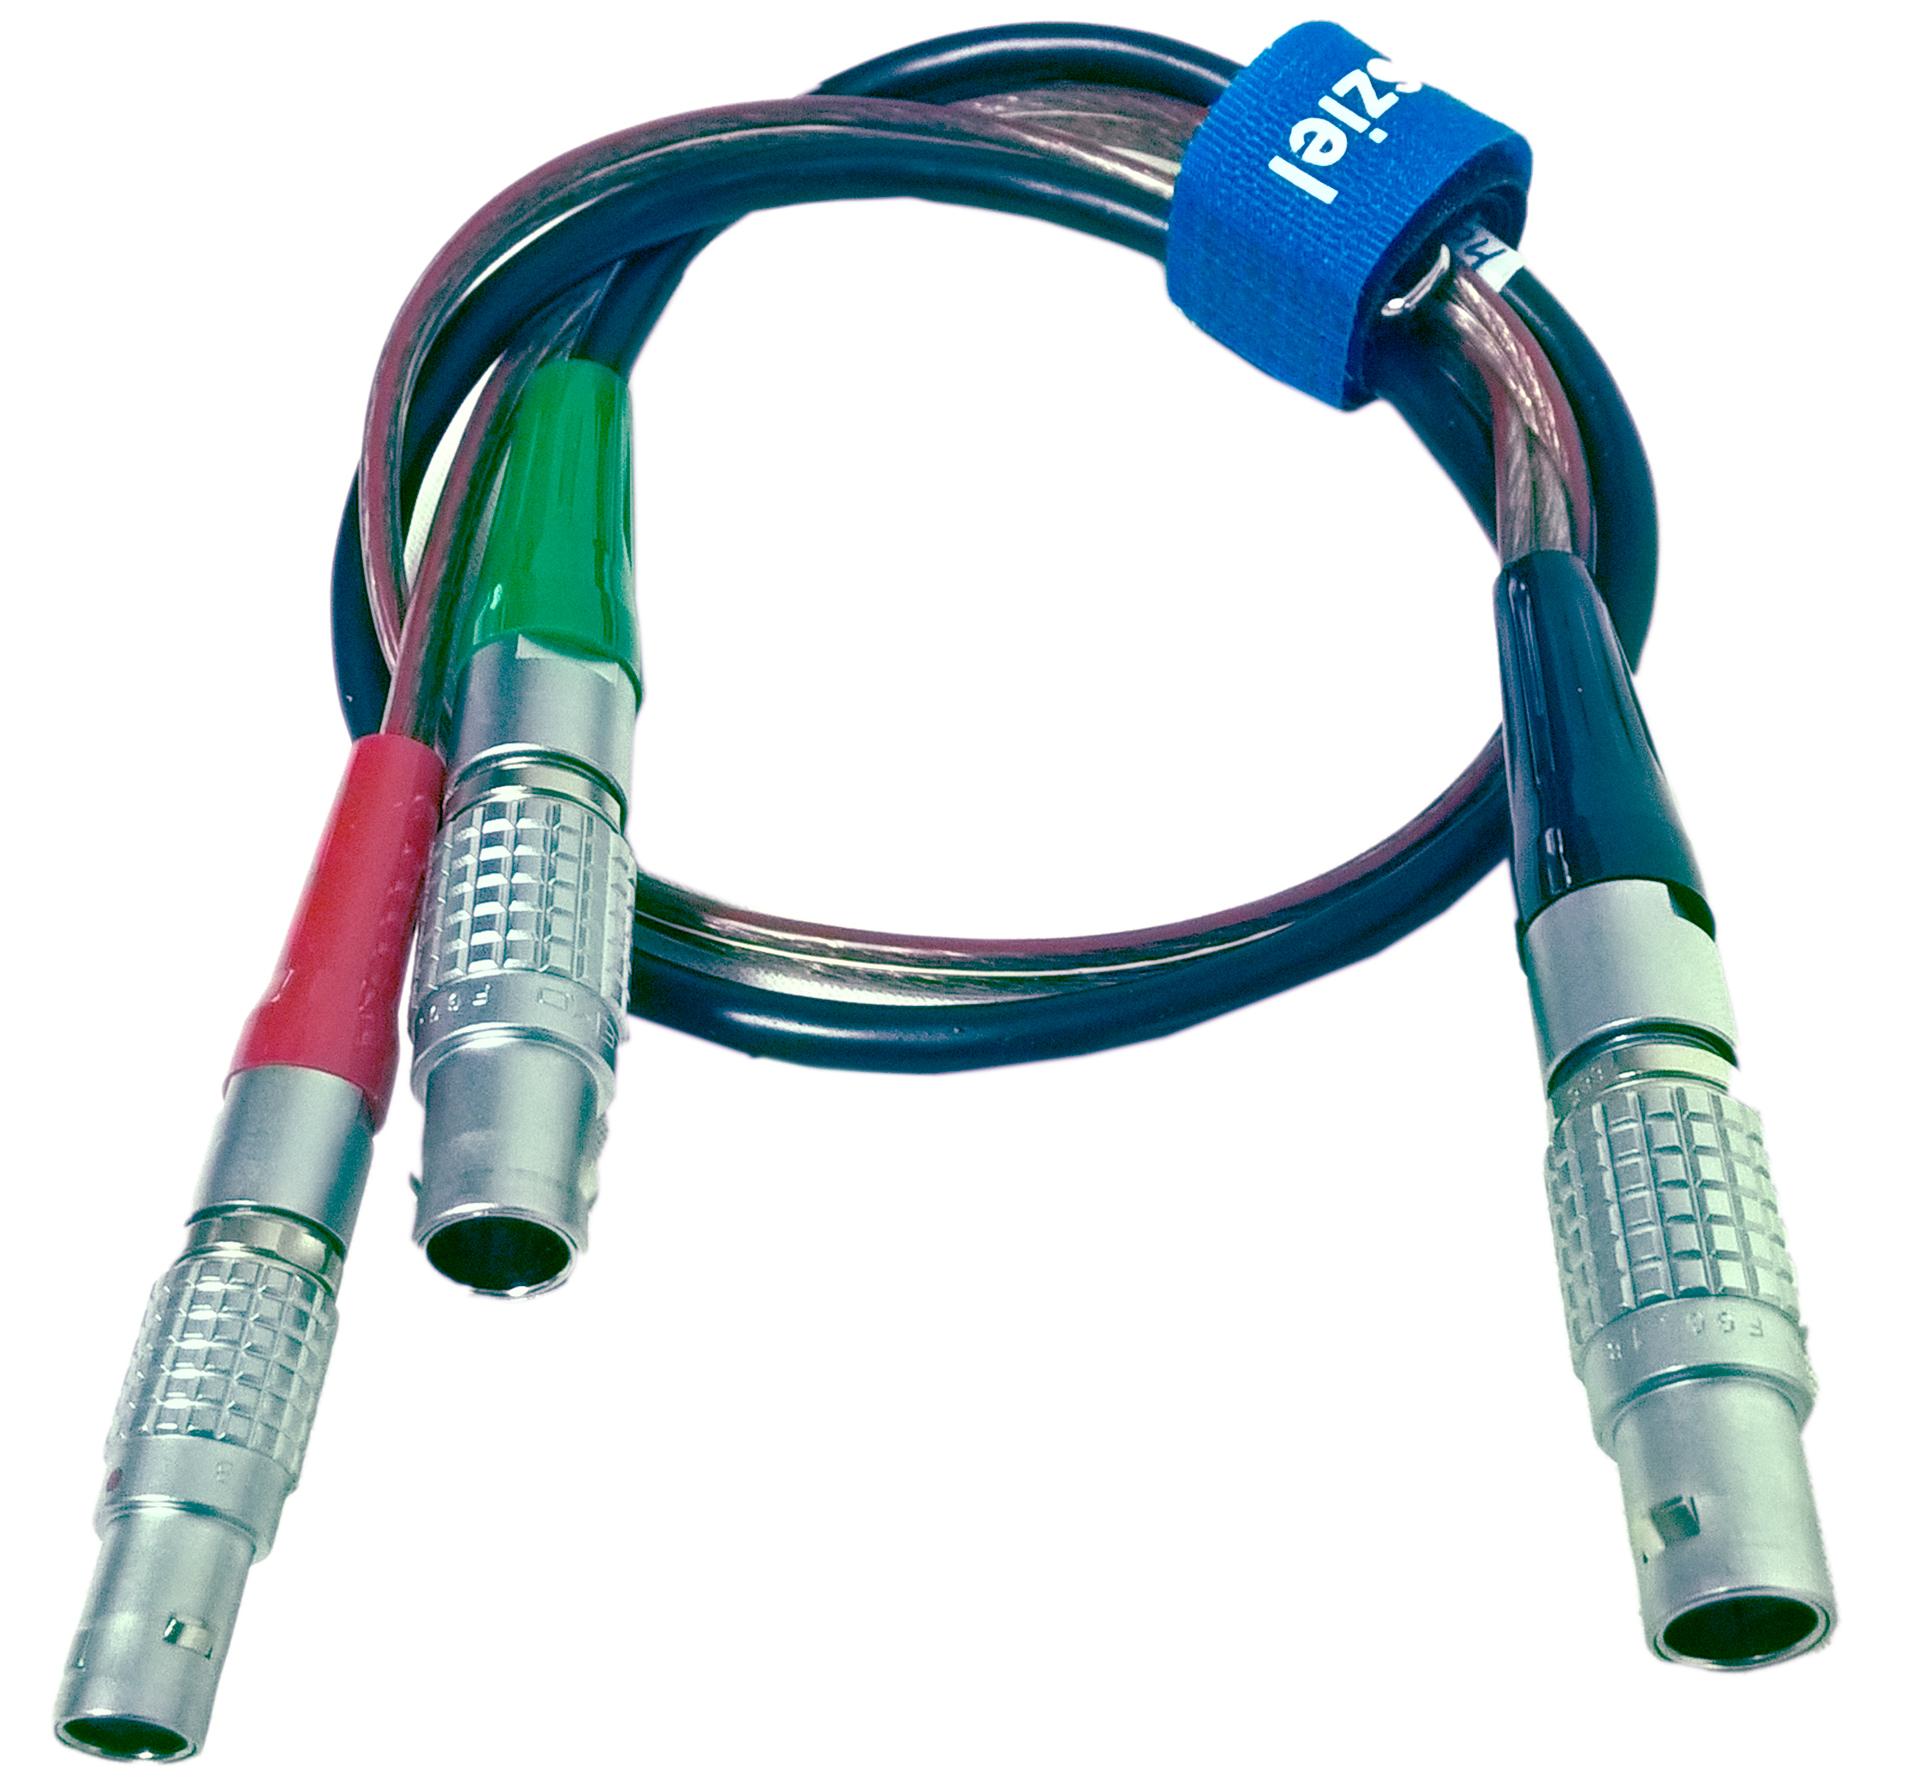 Kabel zur Ansteuerung/Strom MagNum-Prüfprojektor TP6/TP7